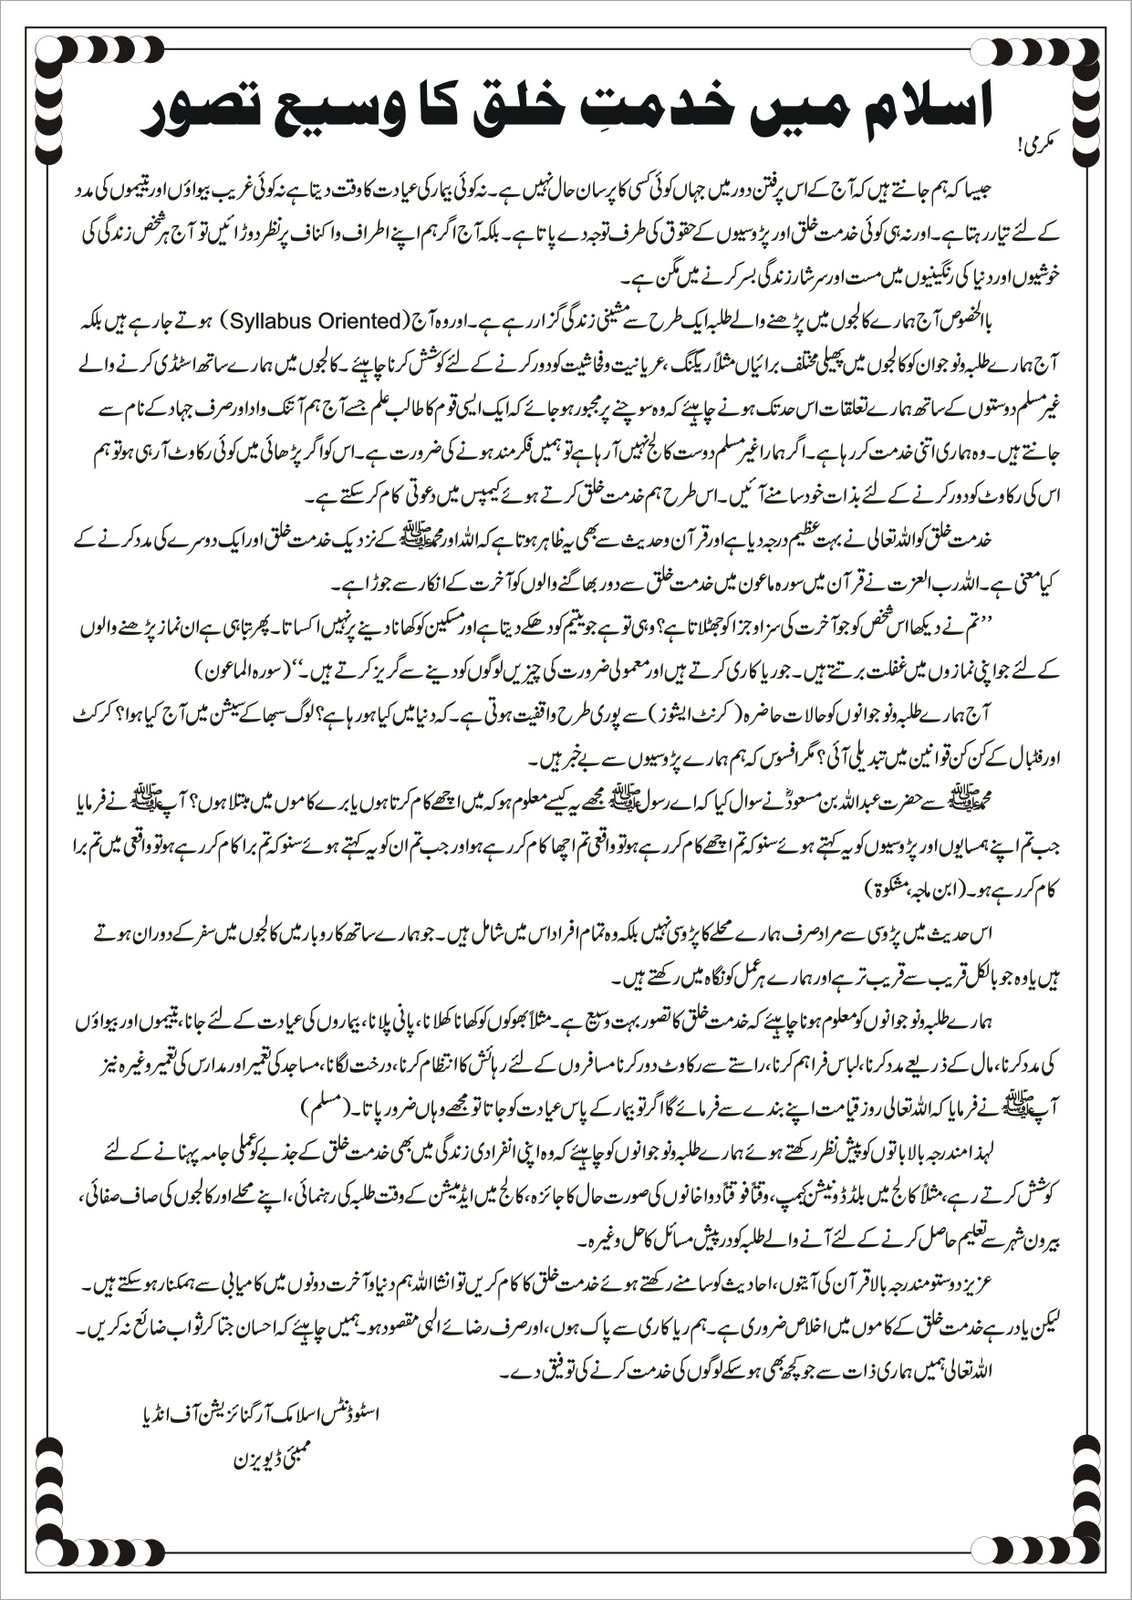 Custom academic writing meaning in urdu